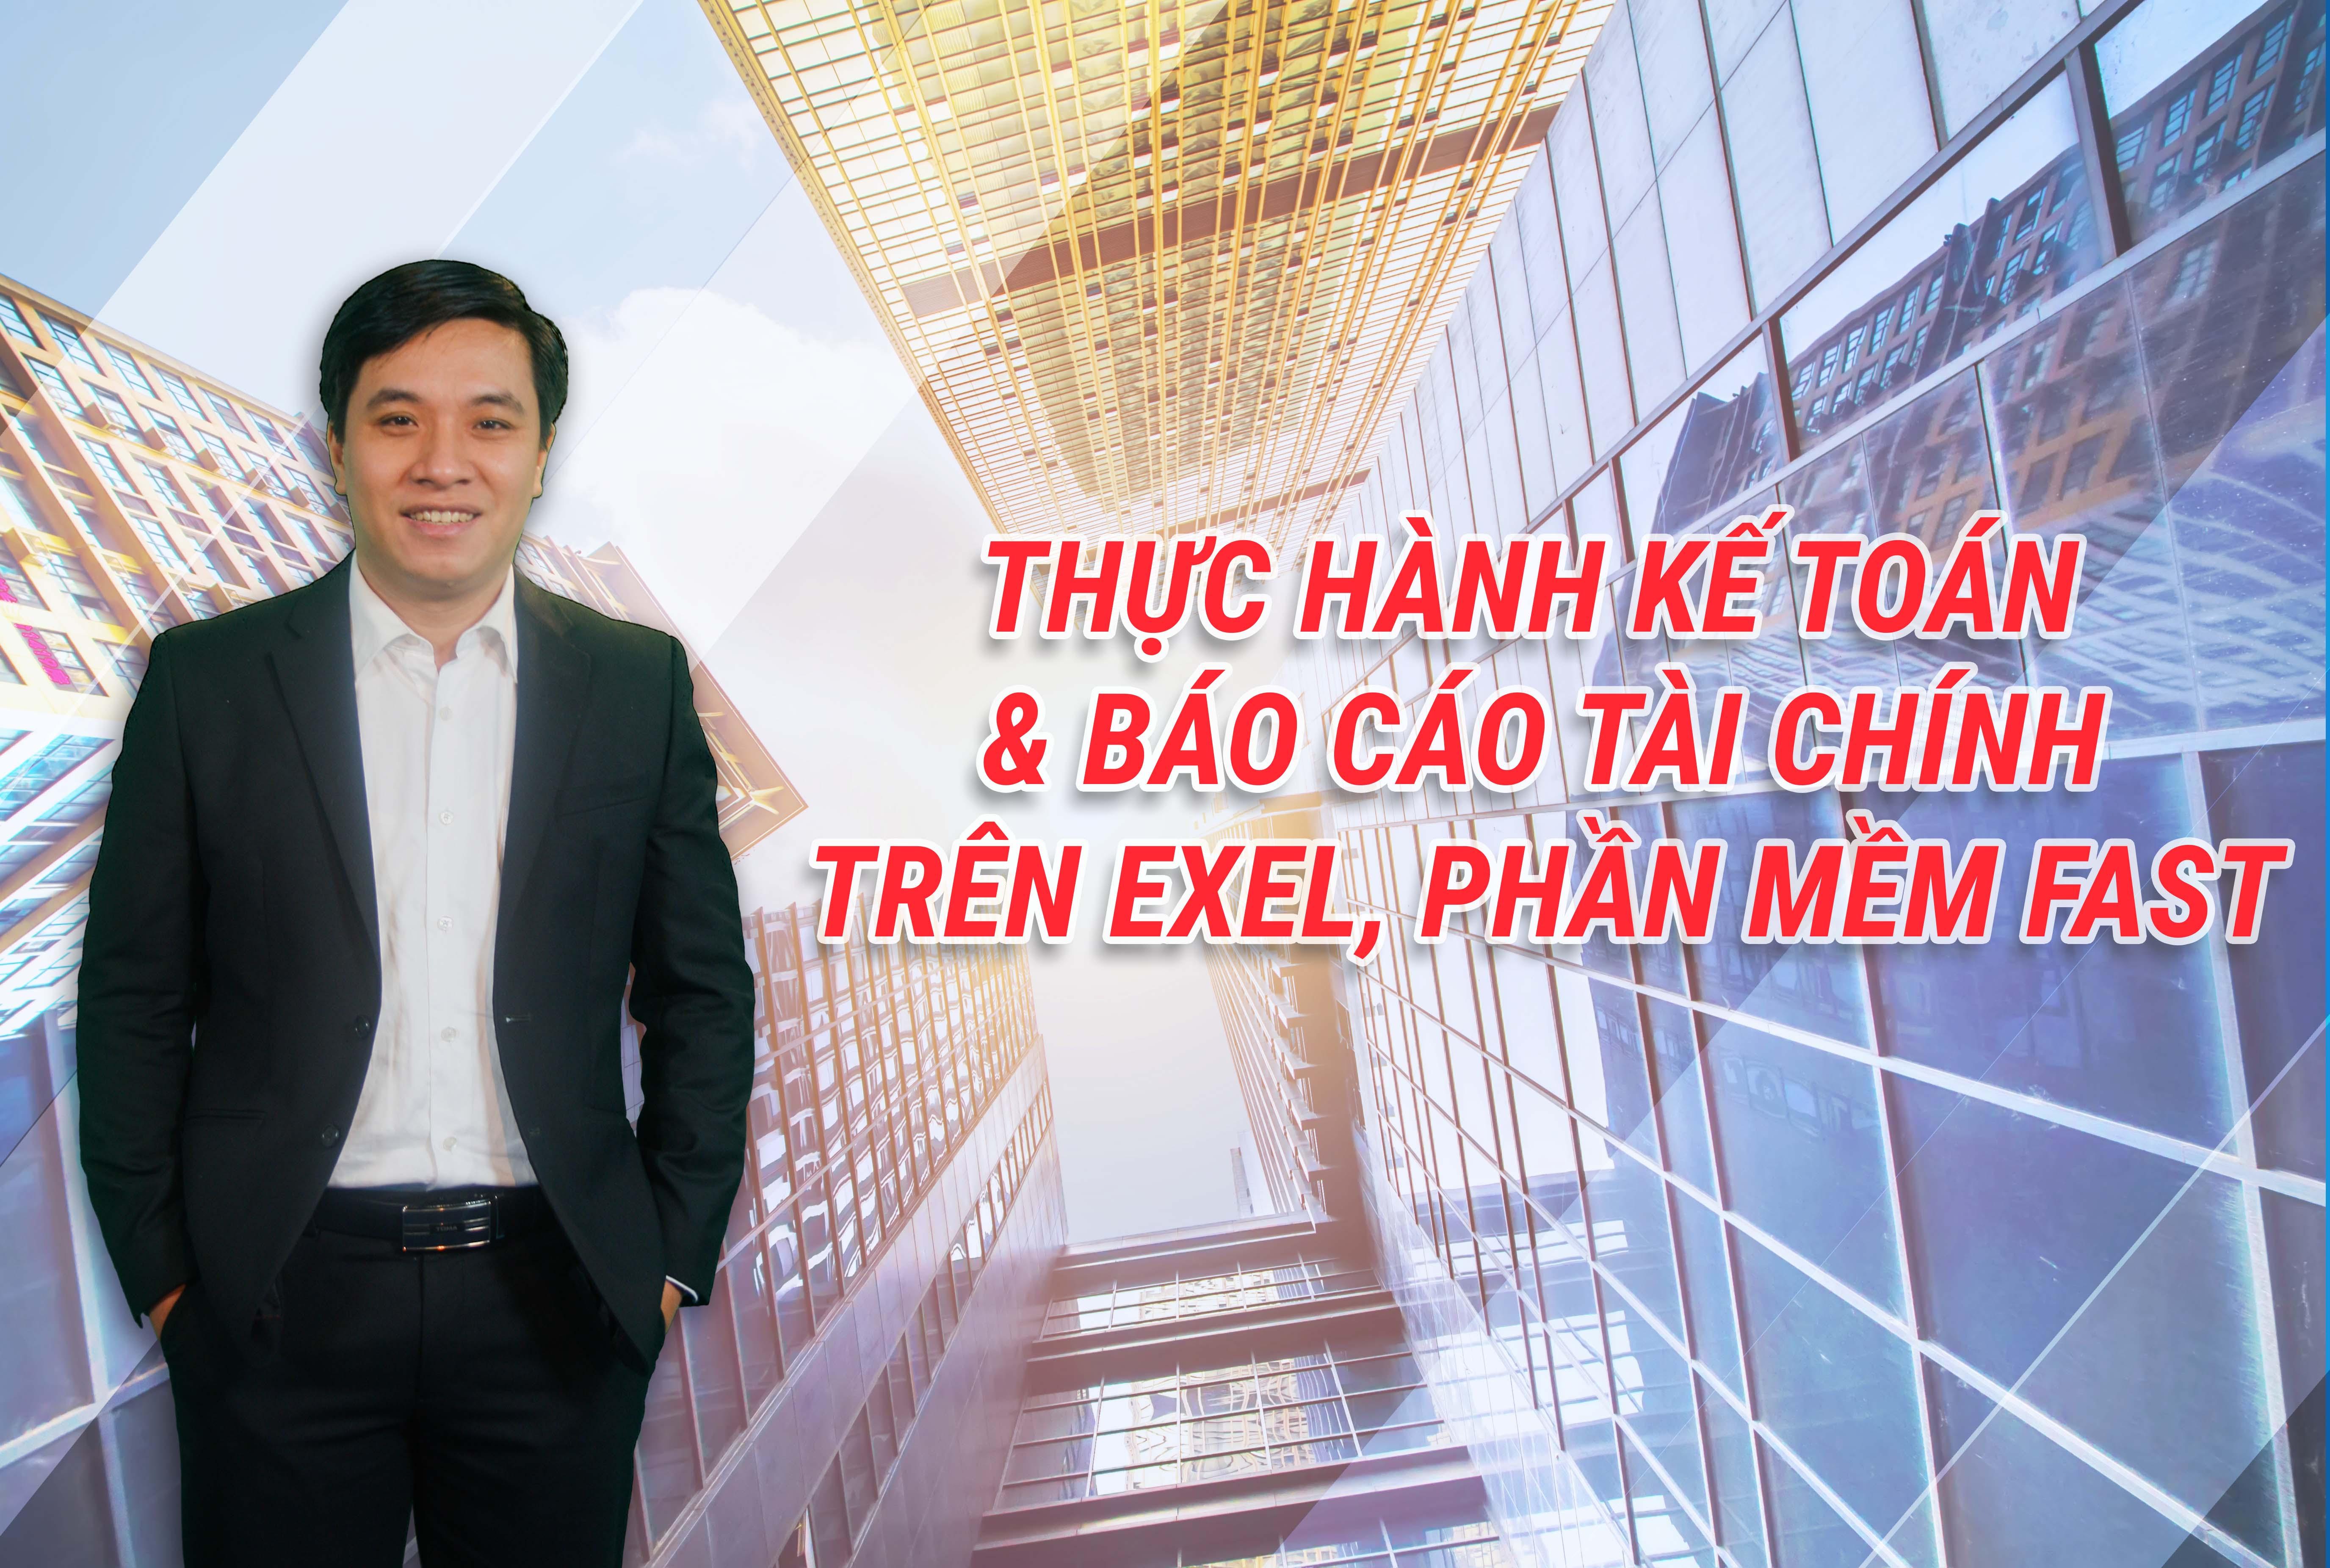 Thực hành Kế toán và báo cáo Tài chính trên Excel và phần mềm FAST